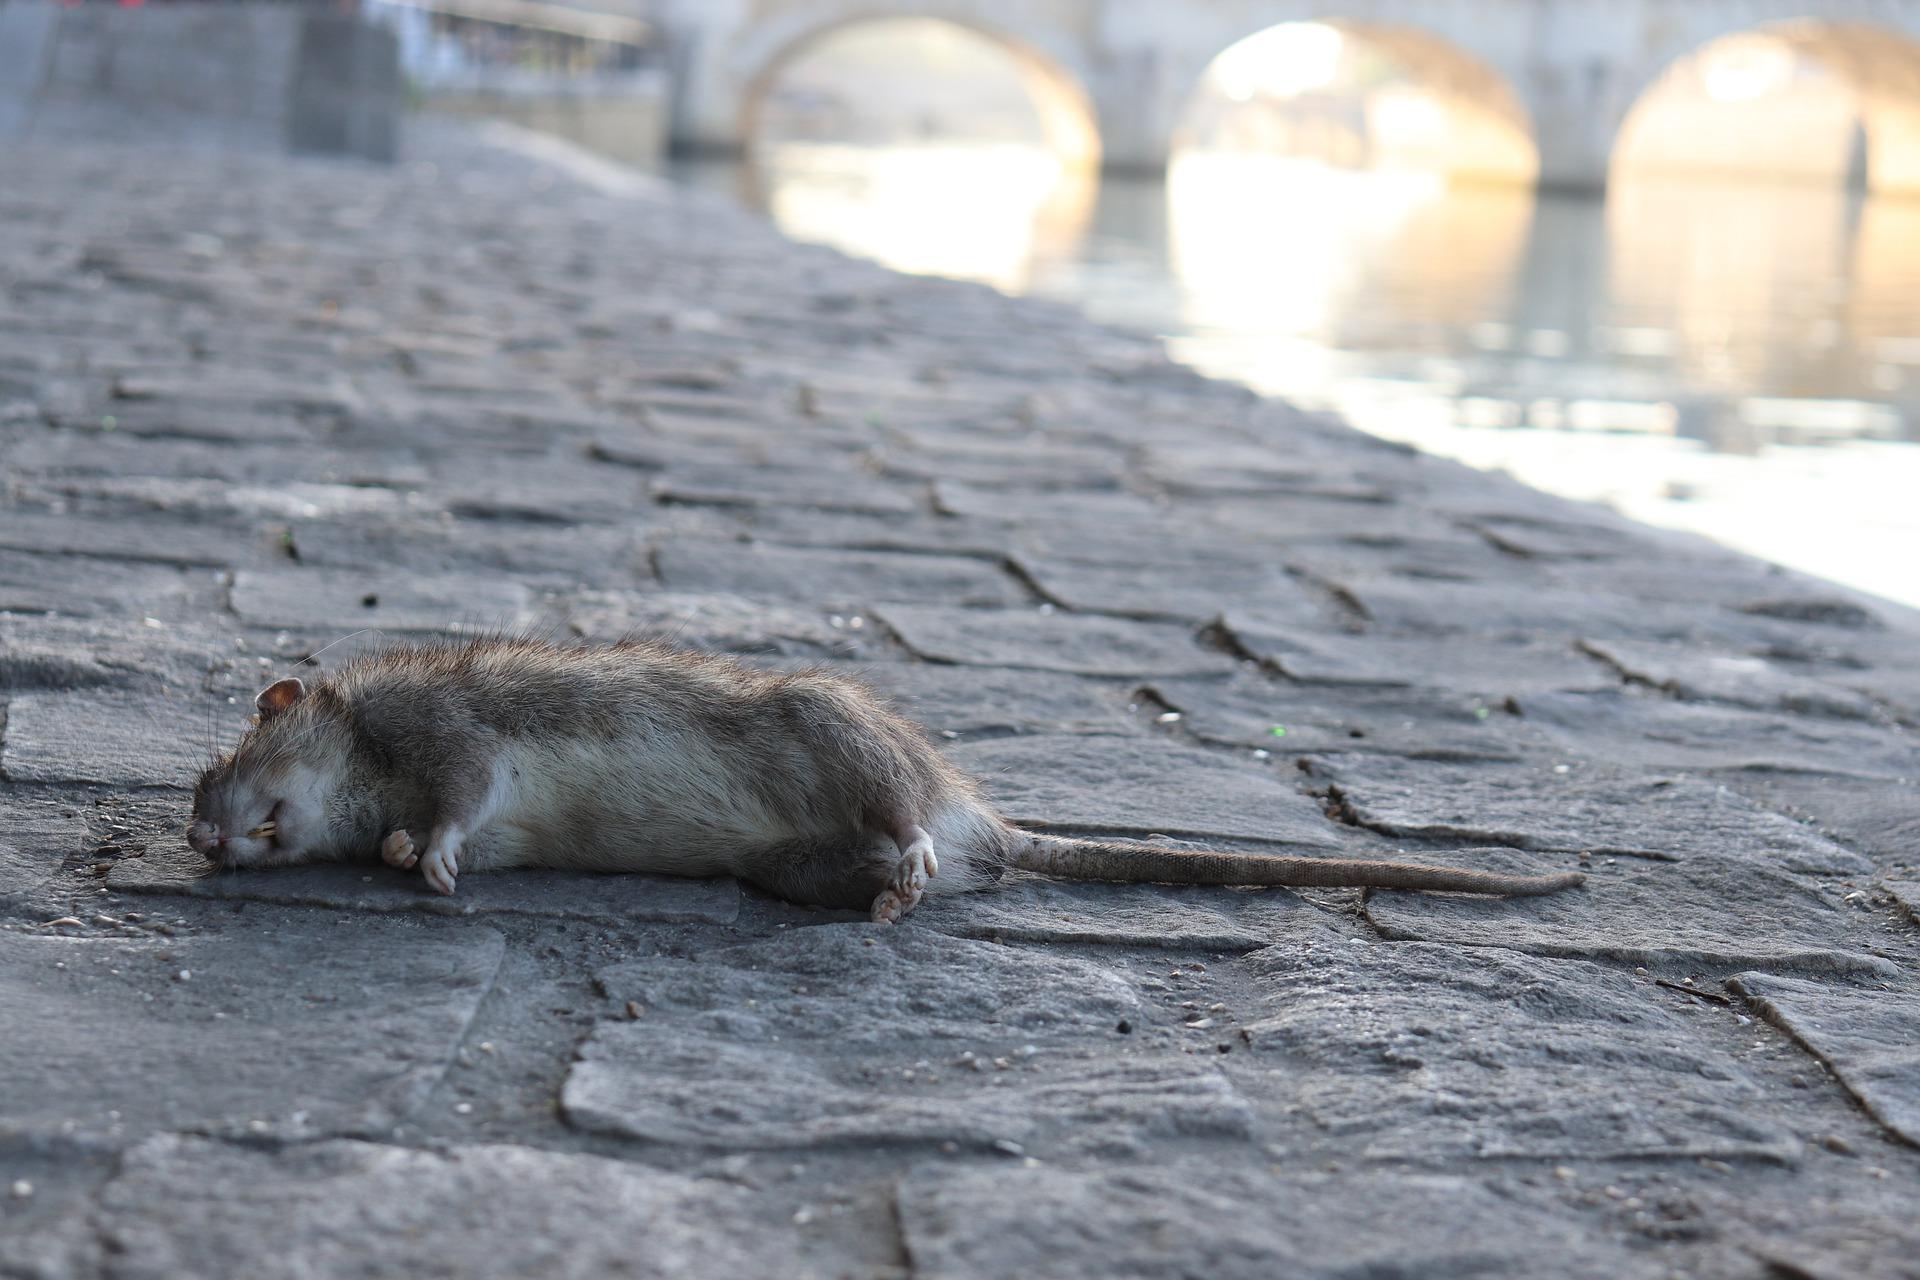 Bruit de rat : Ce Qu'il Faut Savoir et Faire